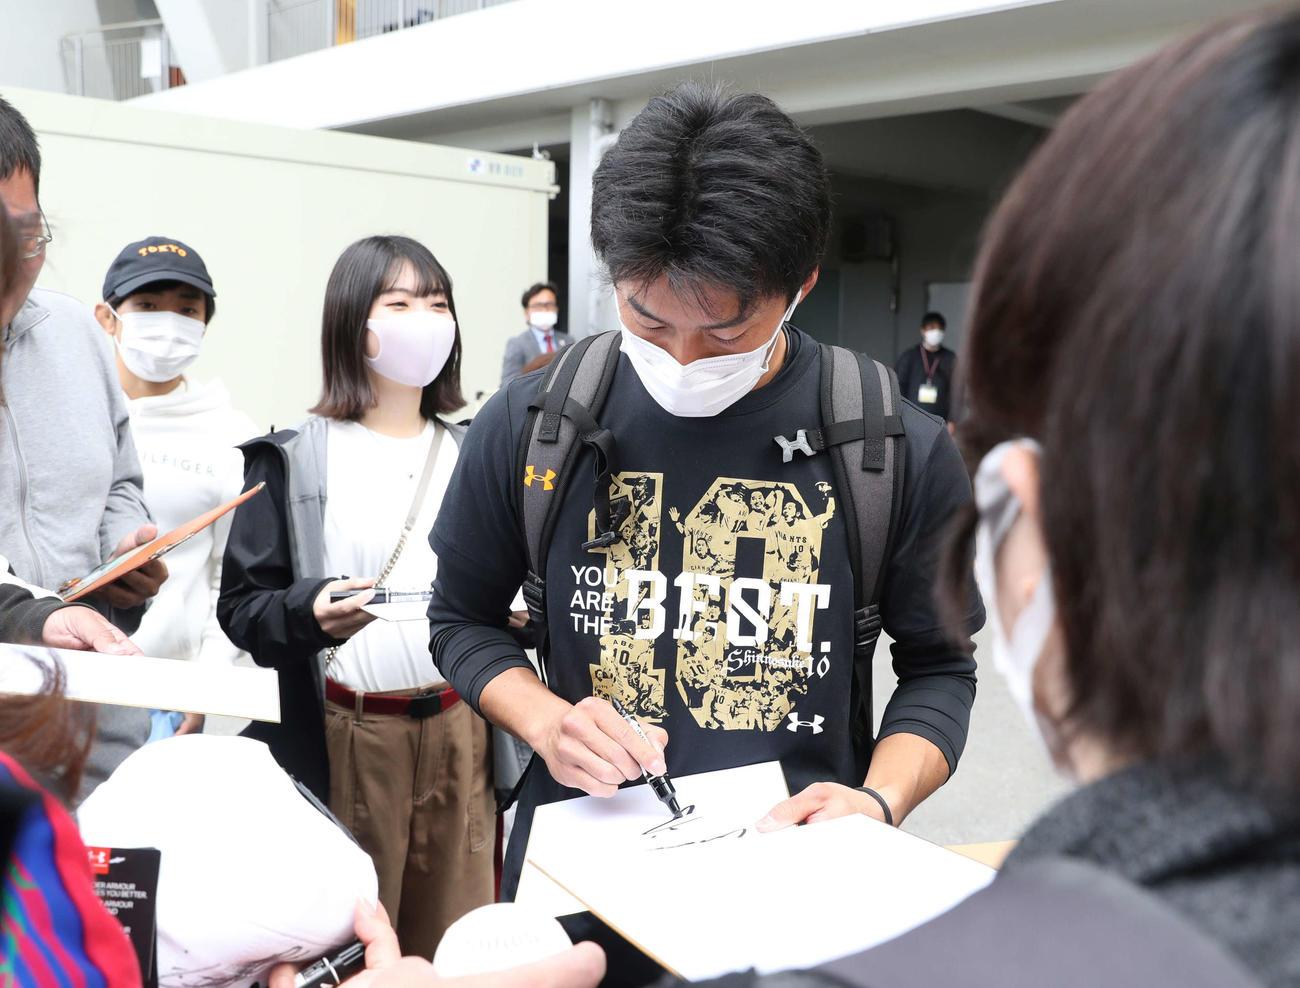 休日返上で体を動かした巨人増田大(右)はマスク姿でファンのサインに応じる(撮影・河野匠)